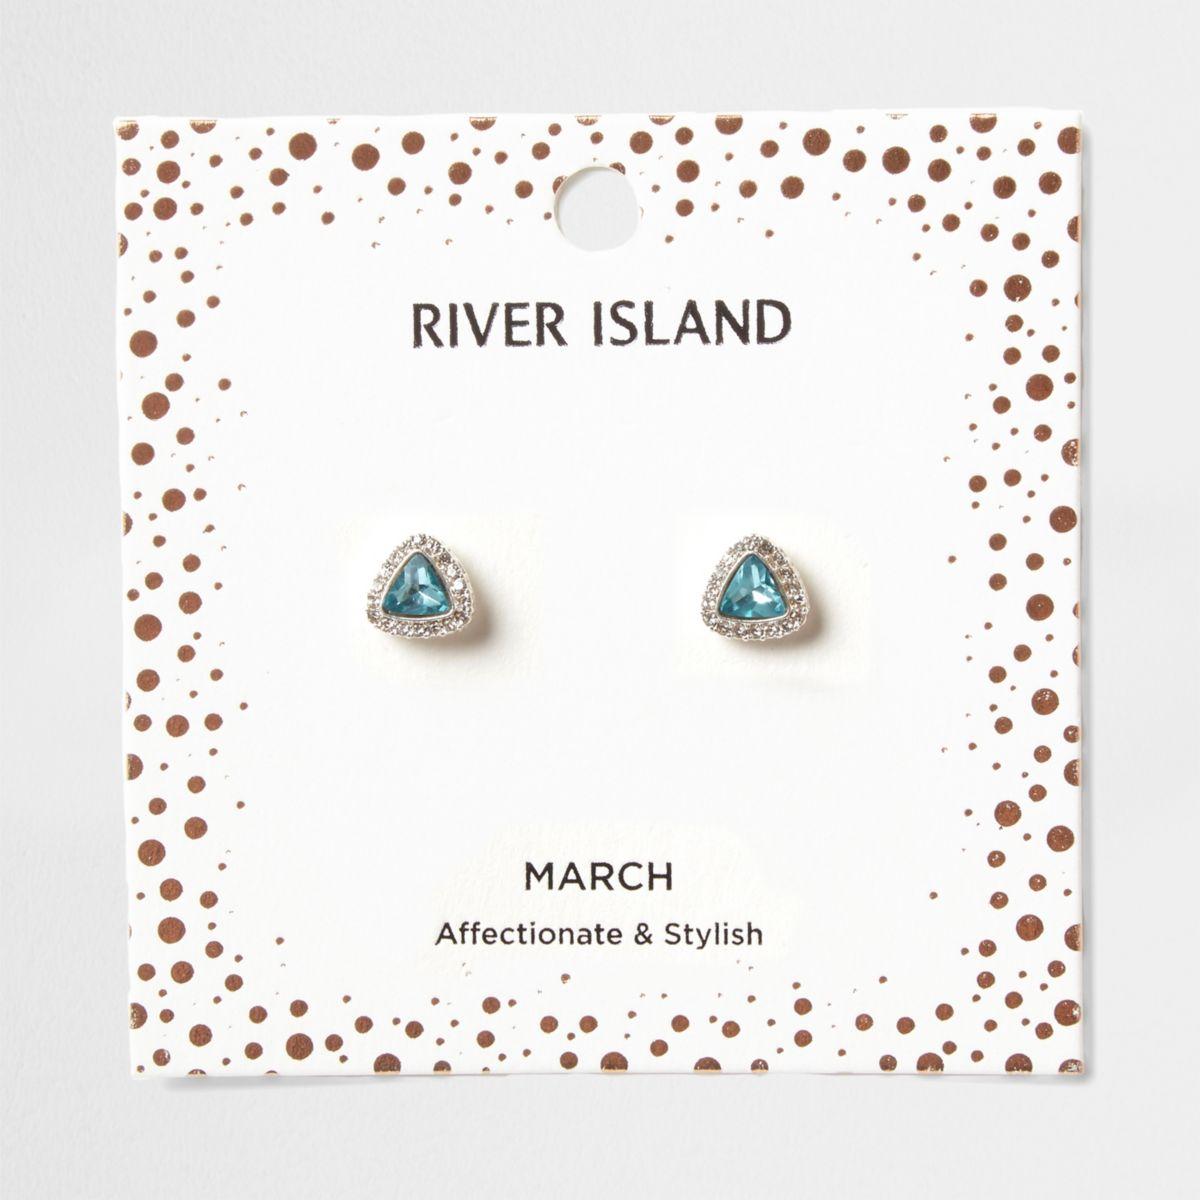 Oorknopjes met blauwe geboortesteen voor de maand maart